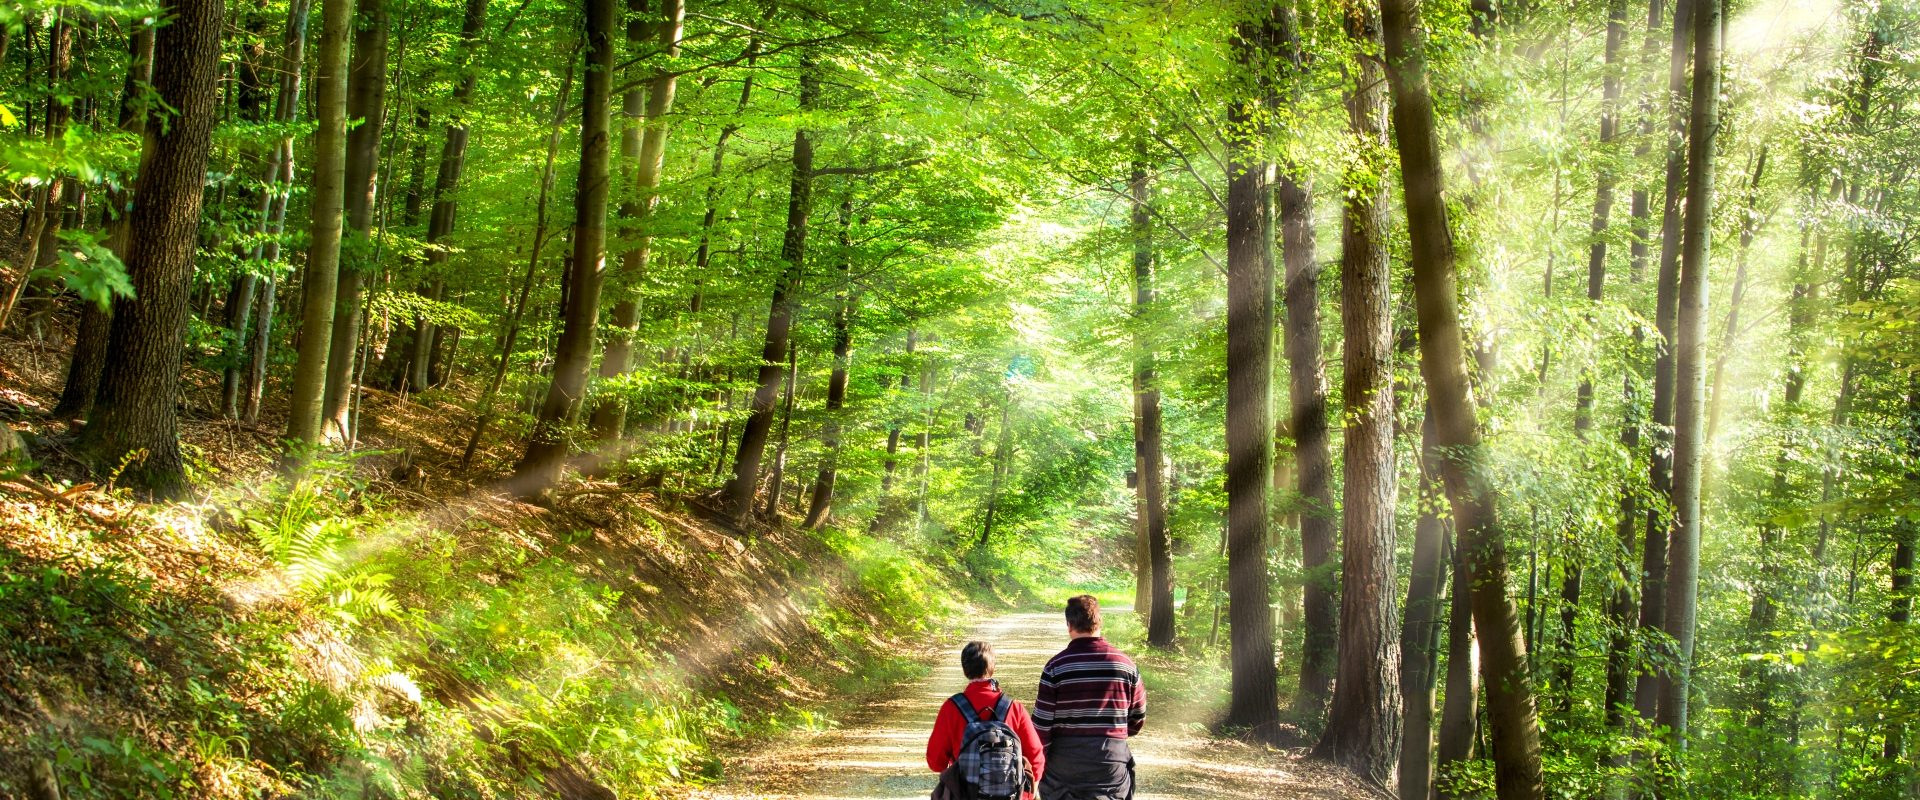 Shinrin-yoku - czym jest japońska kąpiel leśna? Para spaceruje po lesie.